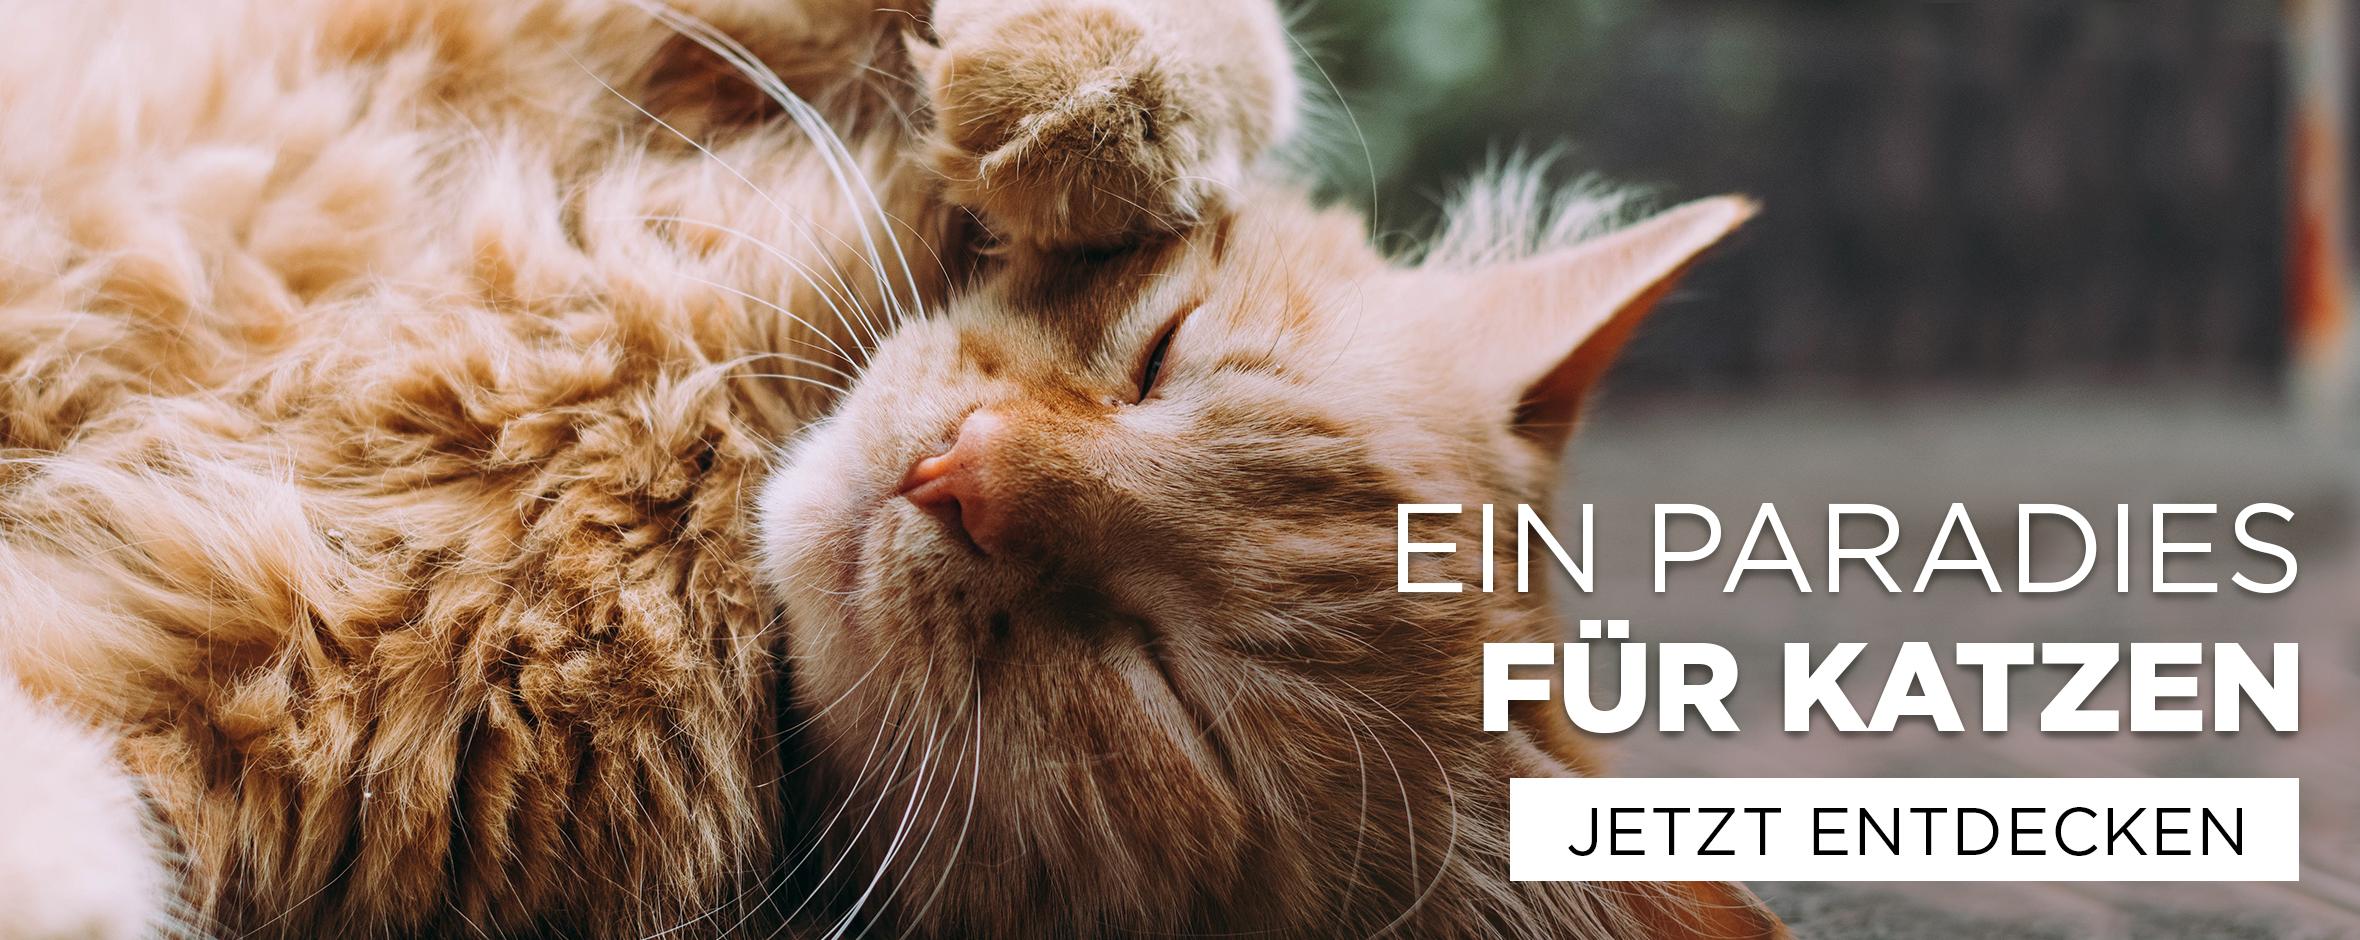 Katzenbedarf & Katzenzubehör